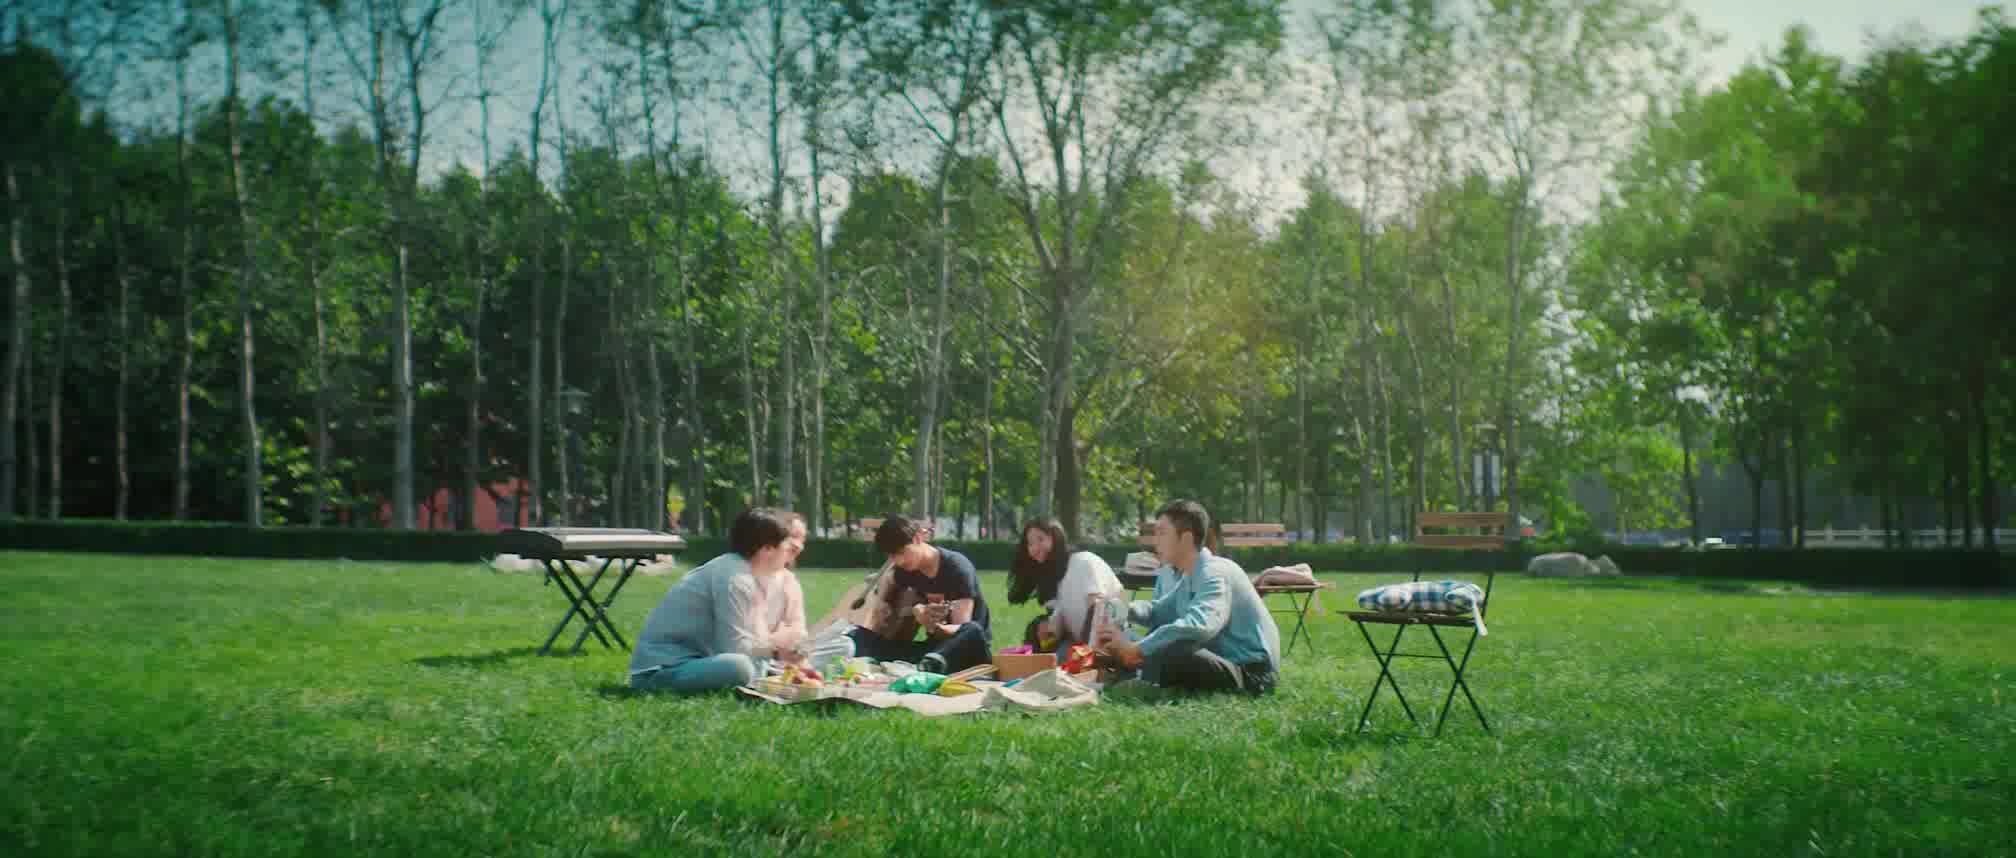 荣耀促成《北京东路的日子》原班人马十年重聚,荣耀-花粉俱乐部